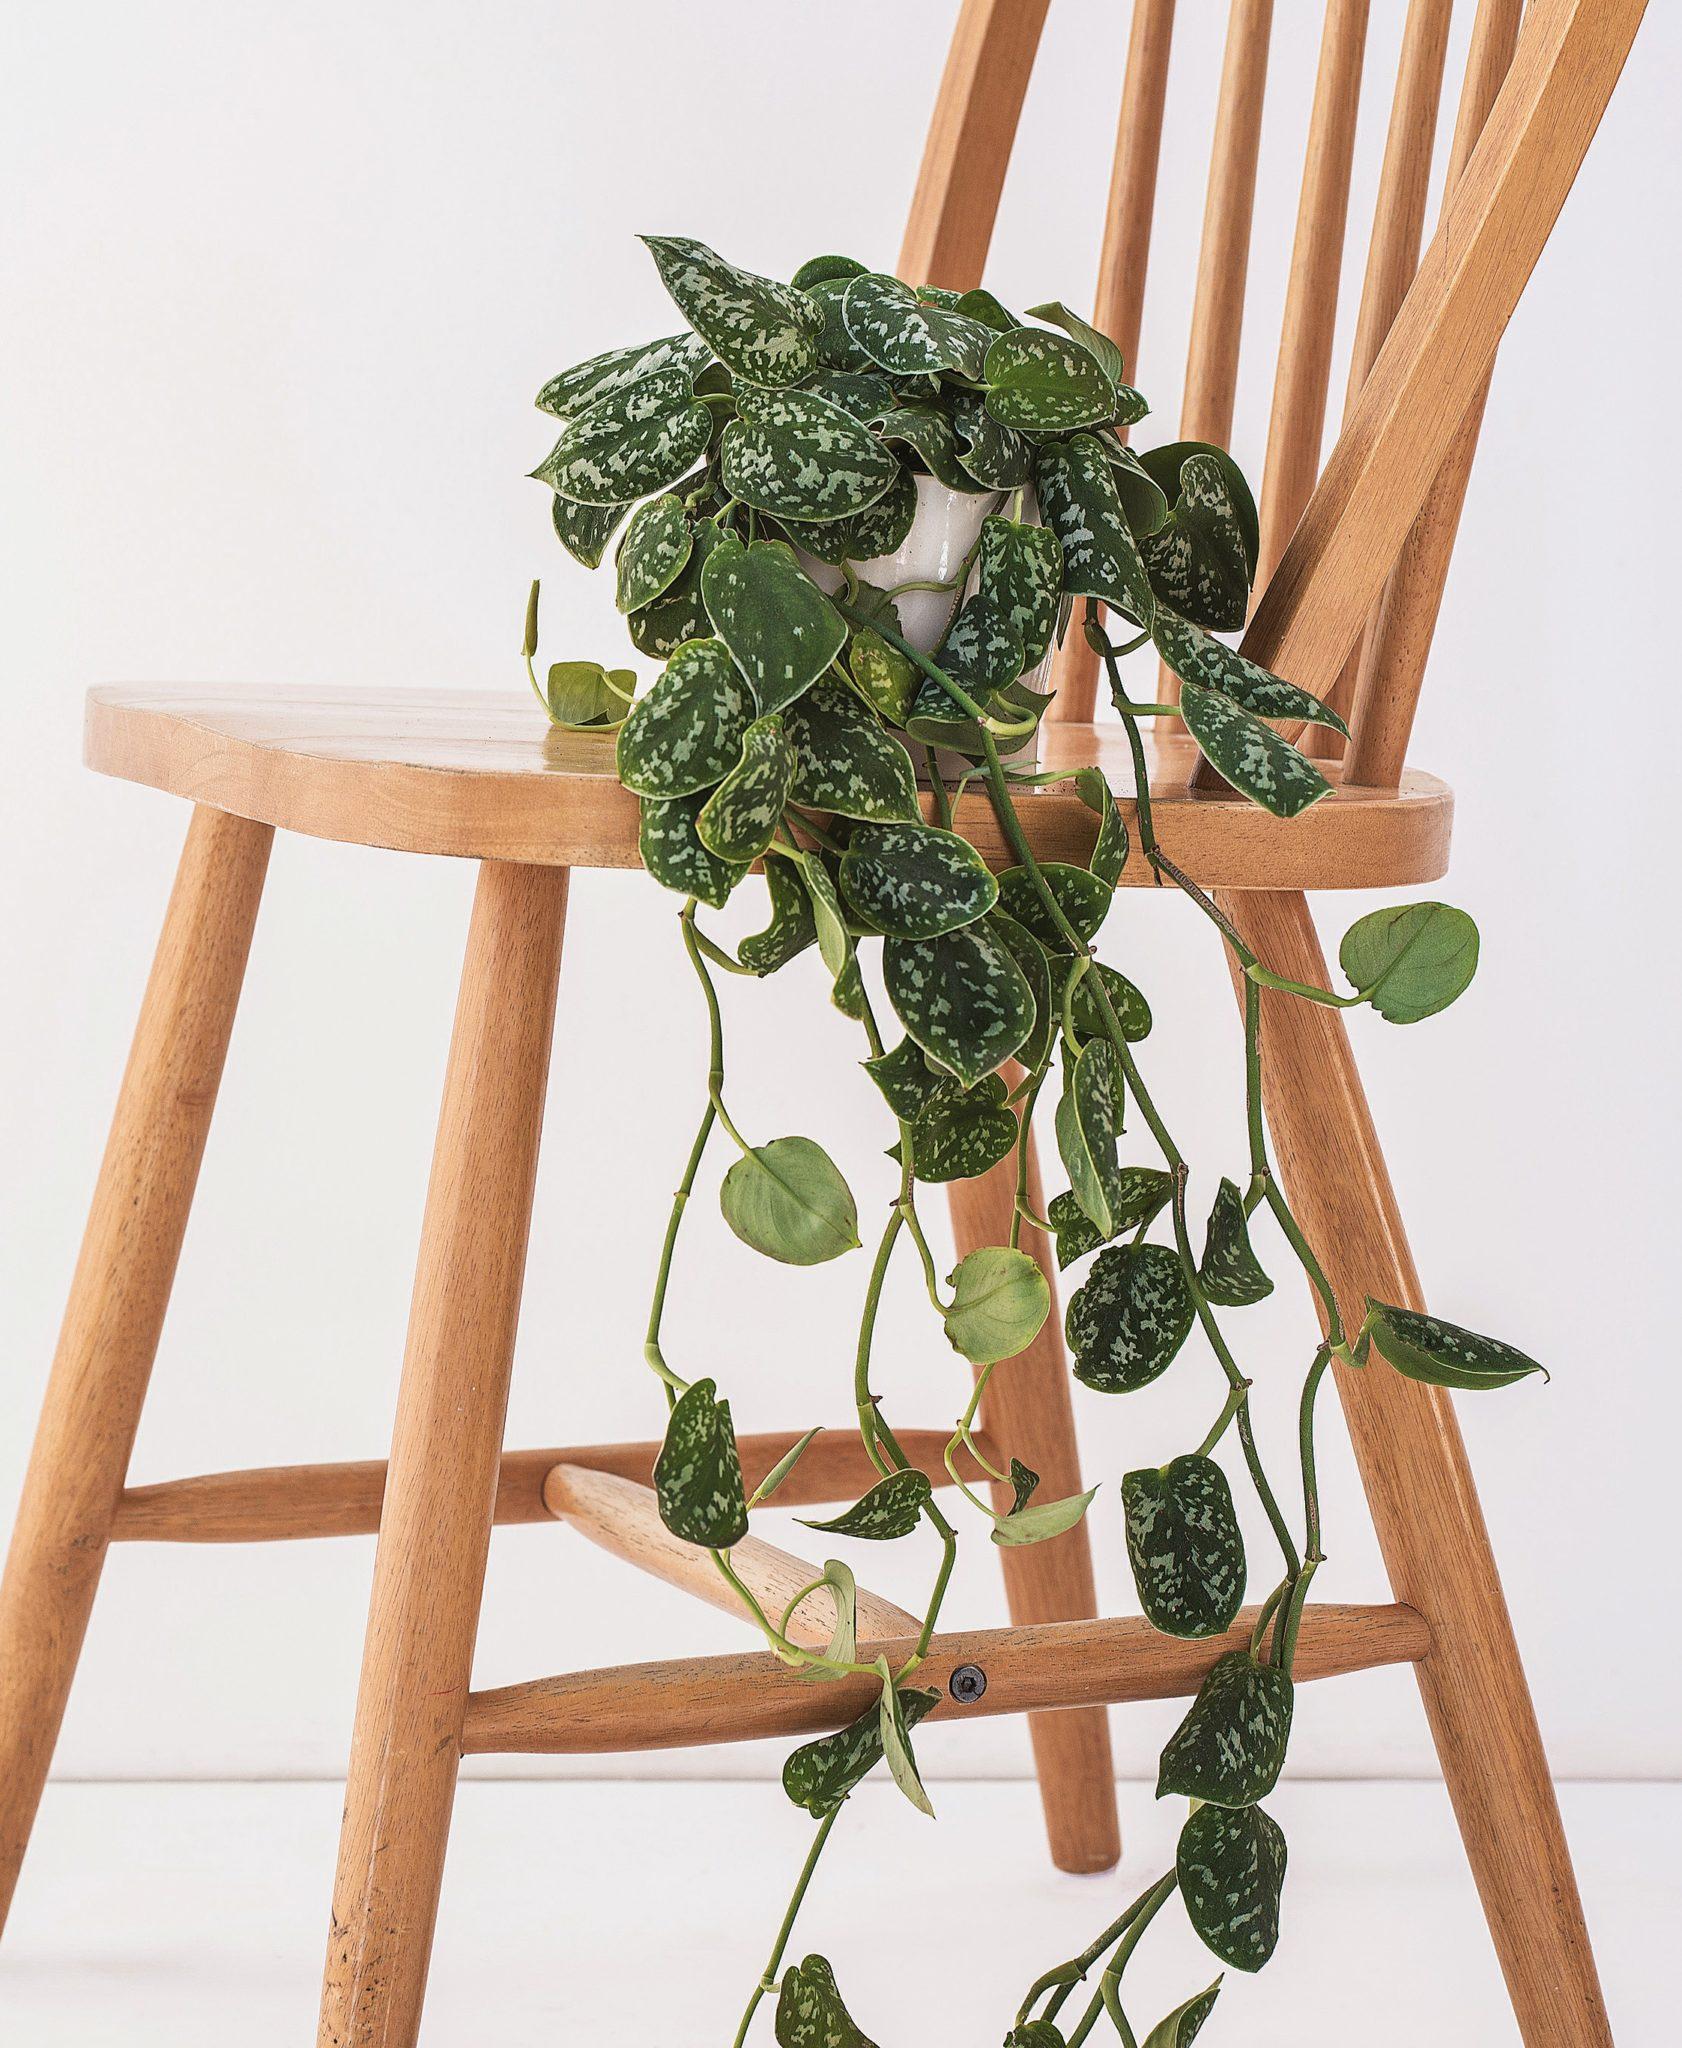 Zielona roślina postanowiona na drewnianym krześle